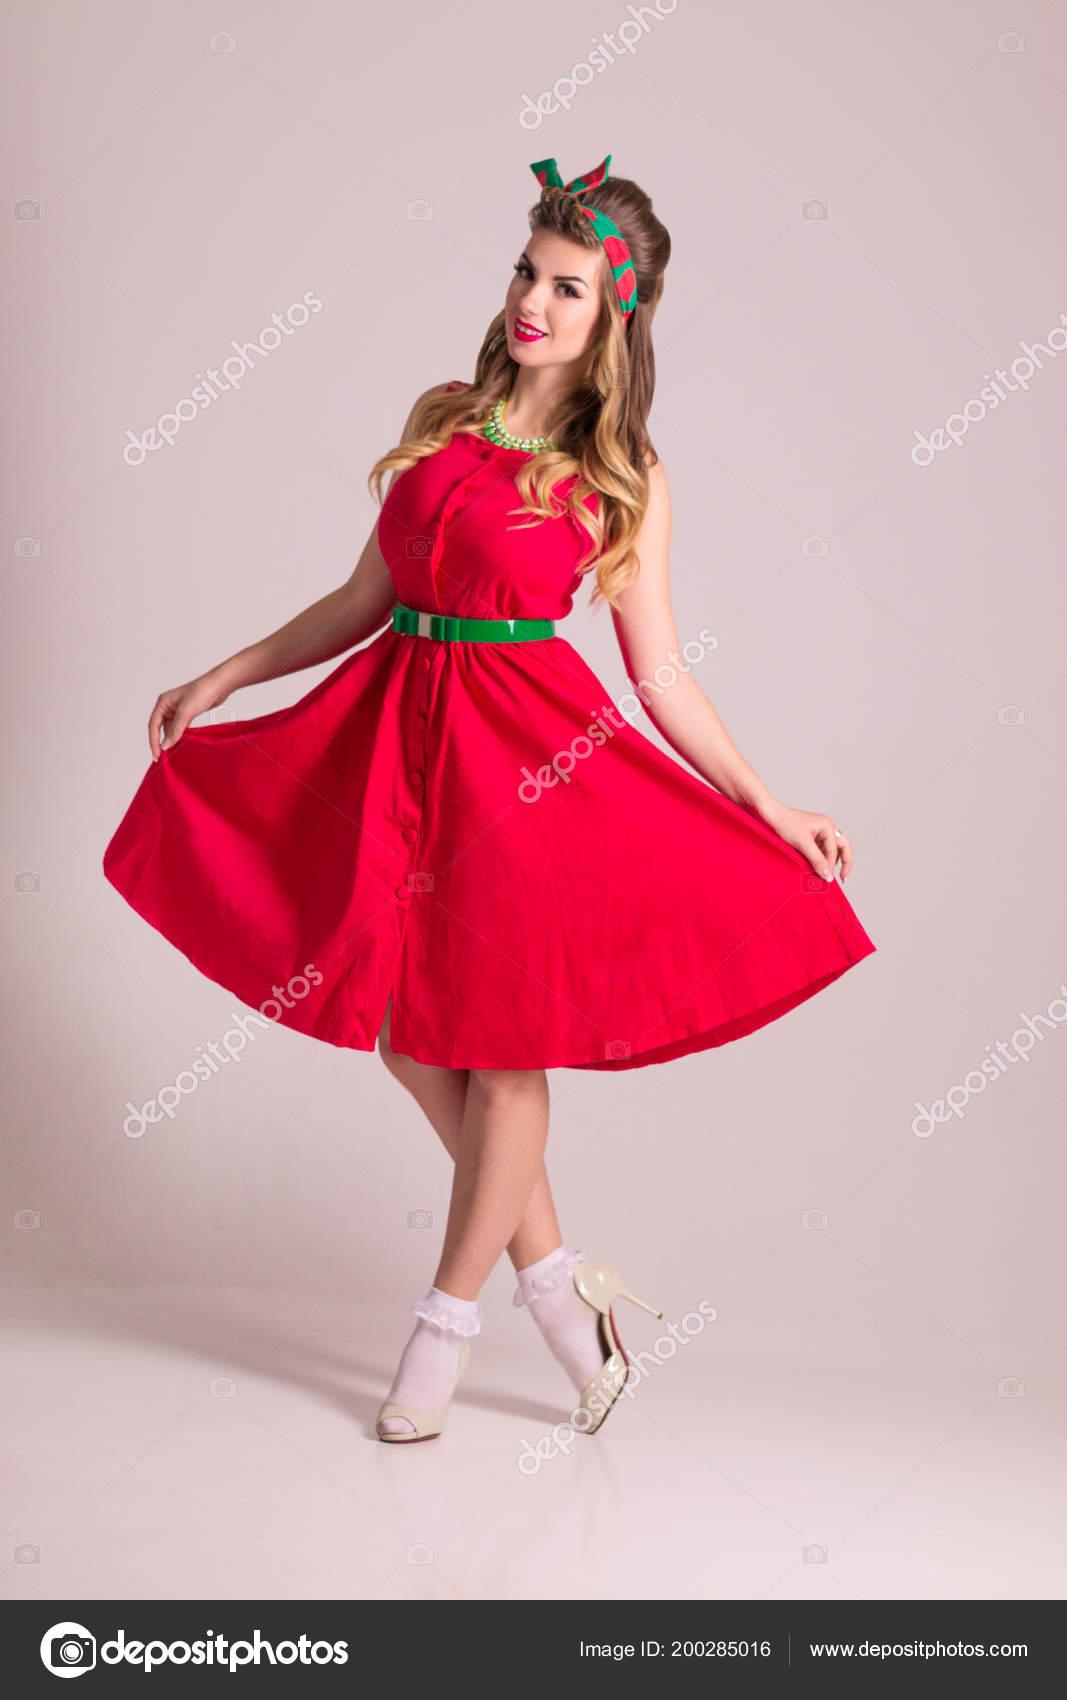 Mooie Rode Jurk.Mooie Vrouw Rode Jurk Met Kapsel Staat Grijs Studio Pin Stockfoto